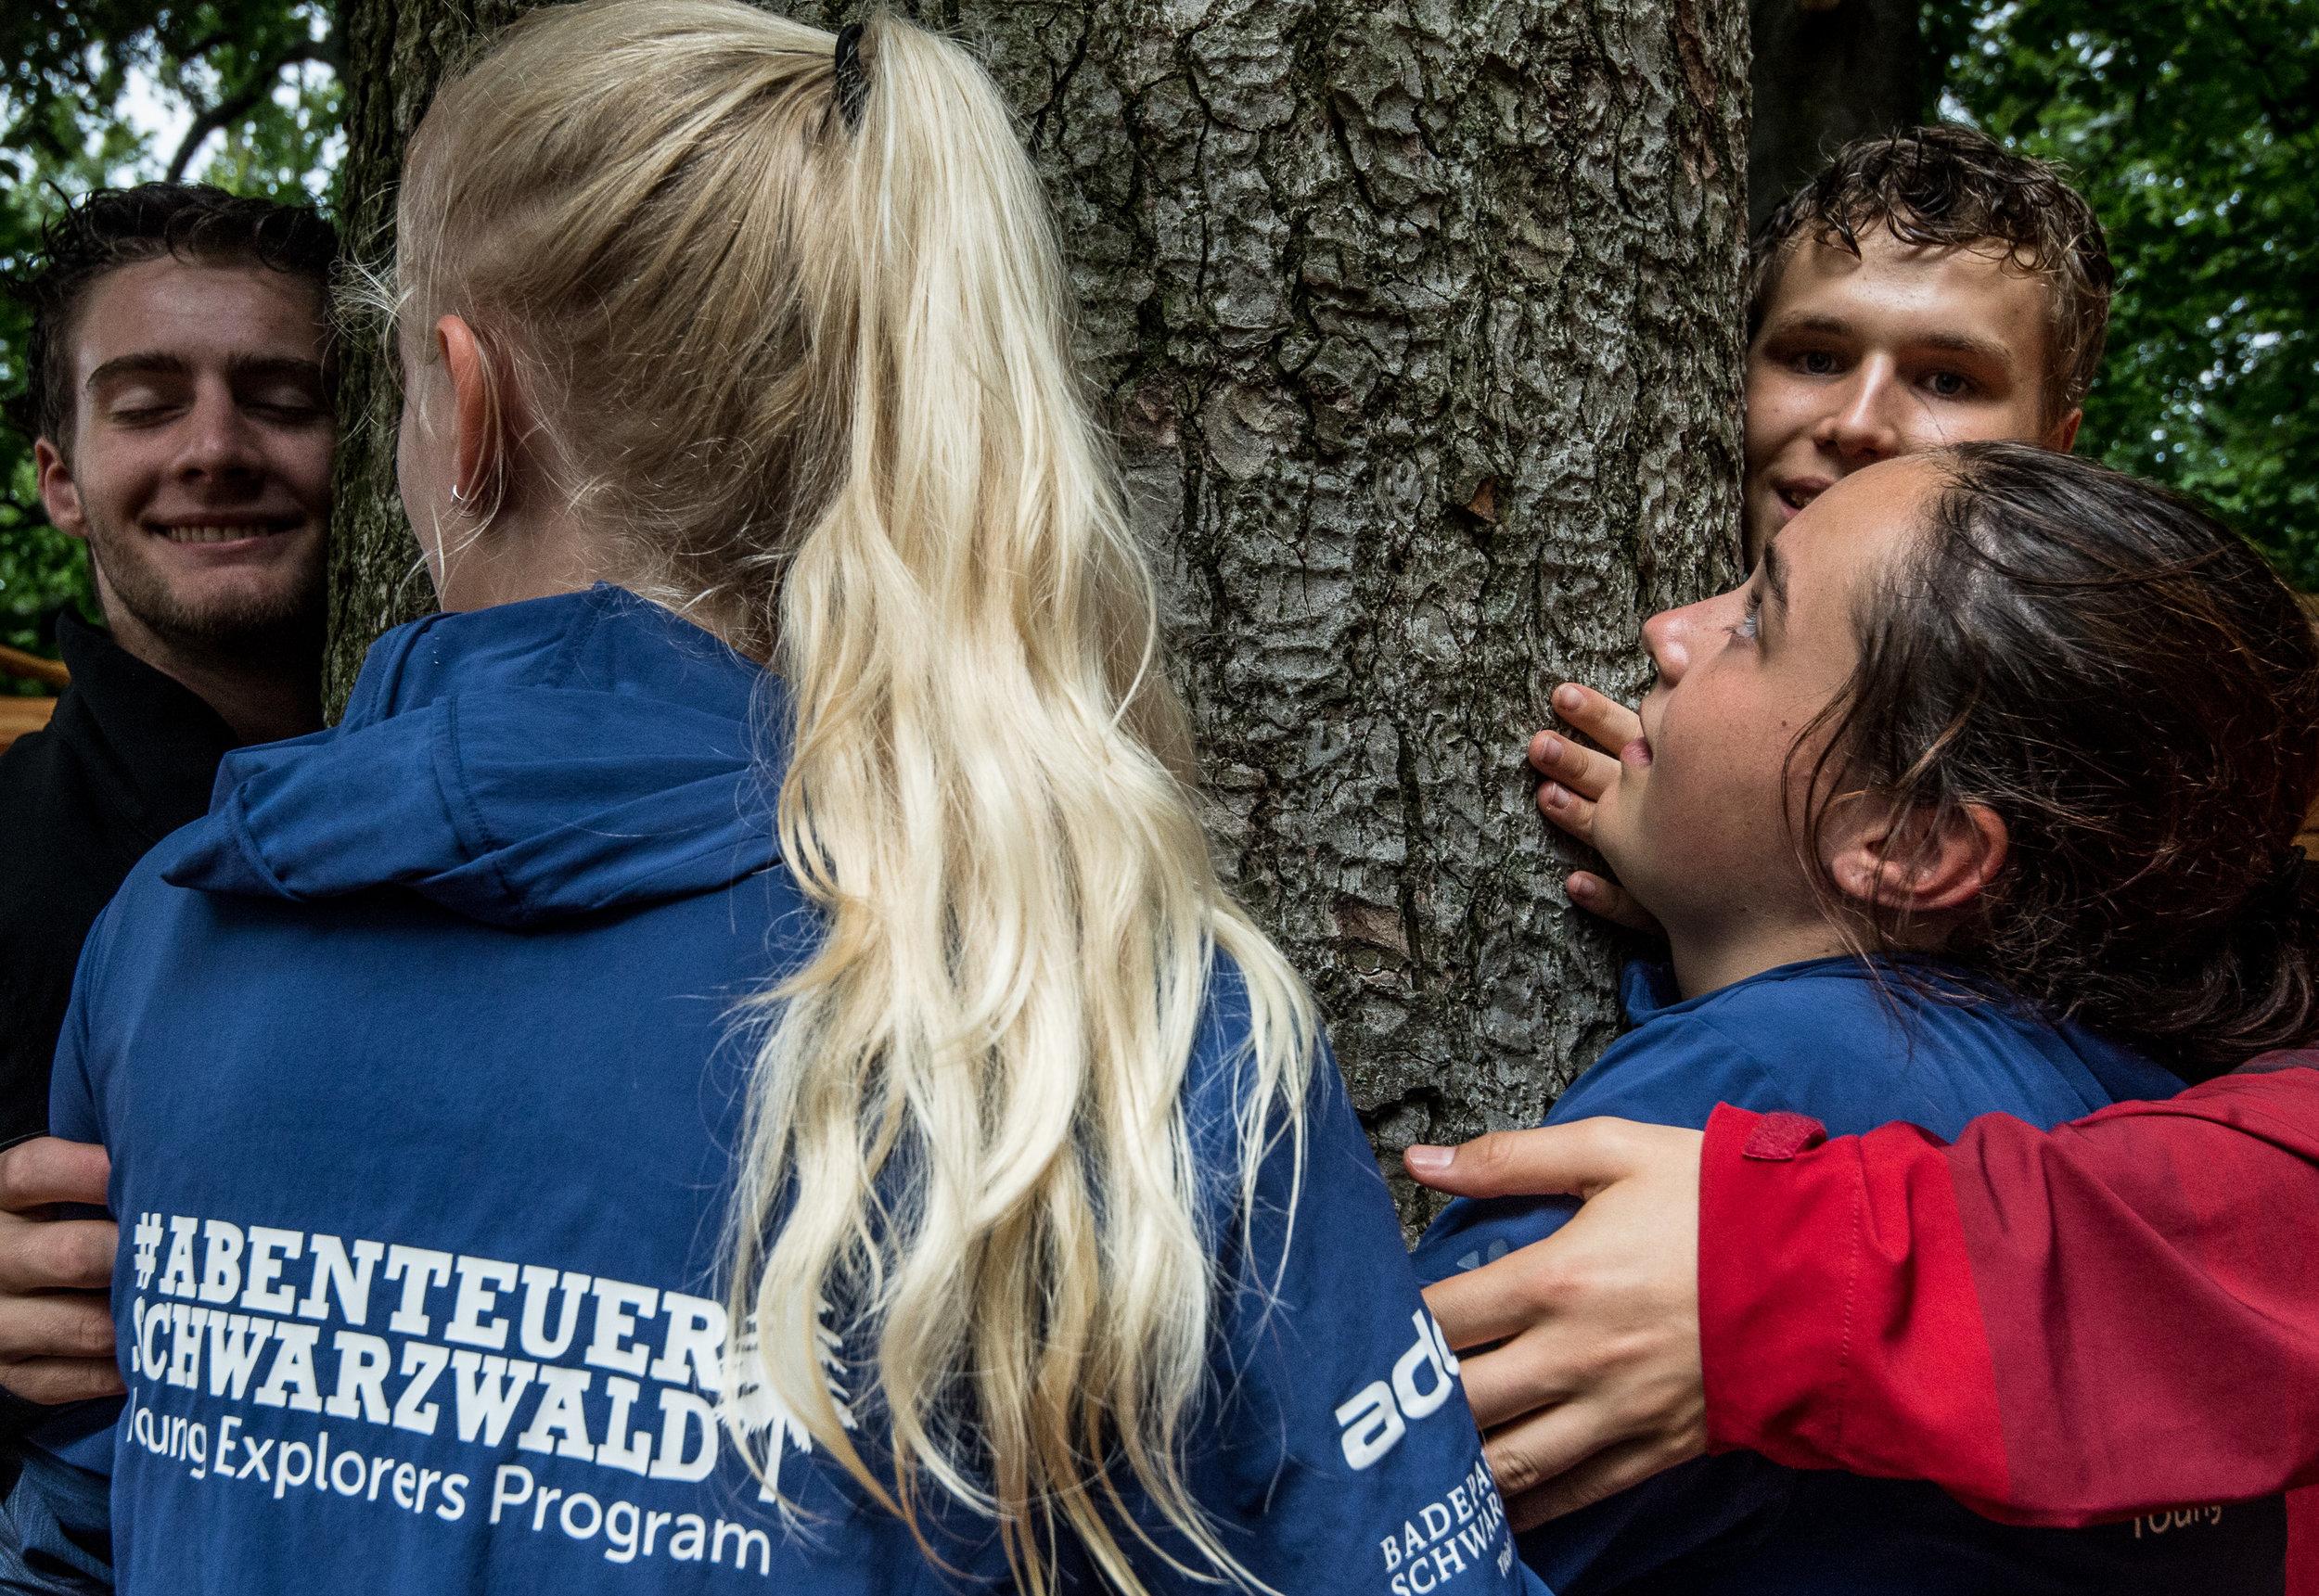 Treehugger!